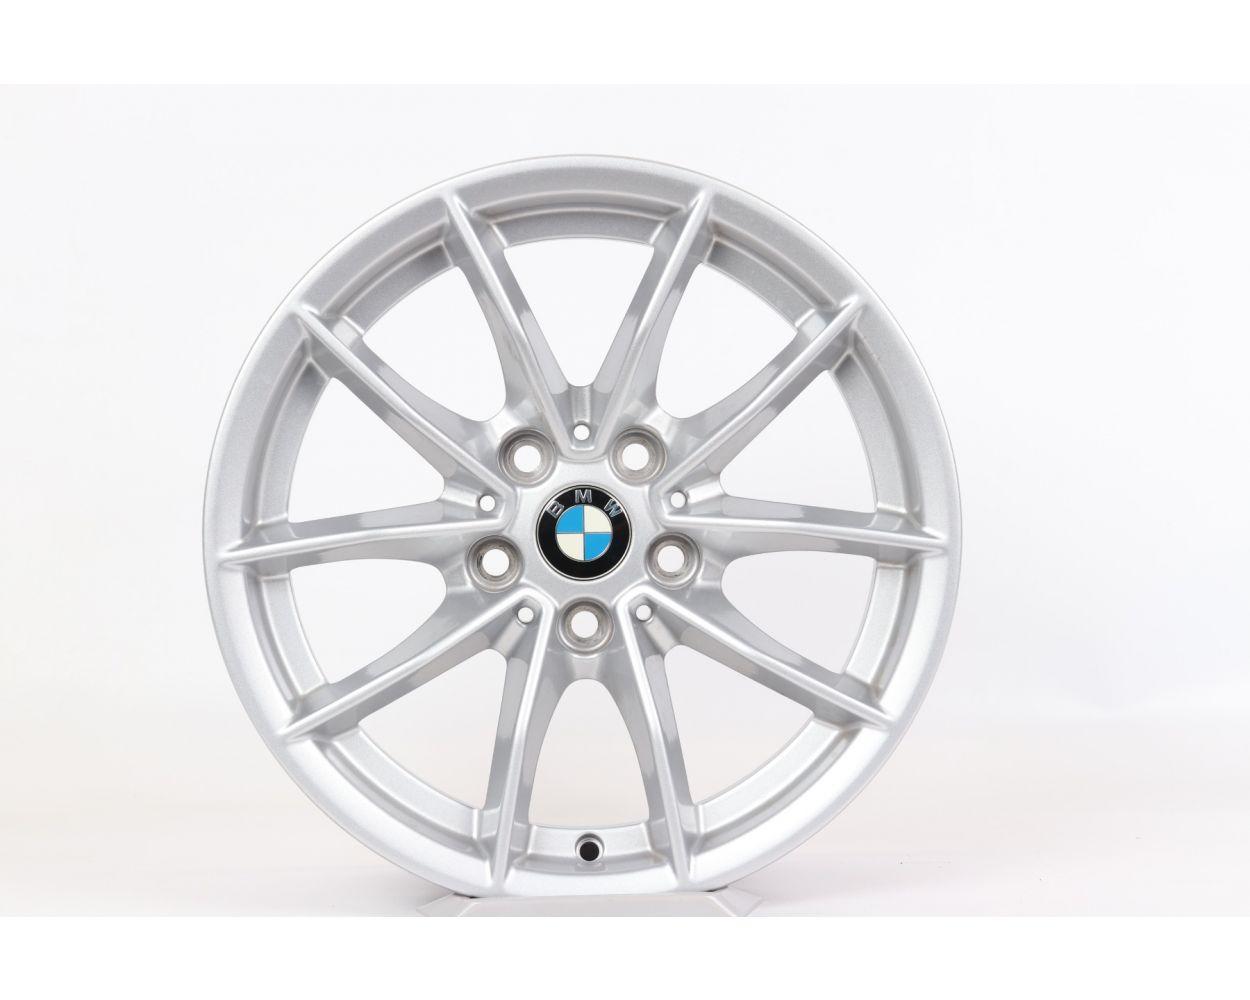 BMW Alufelge 3er G20 G21 16 Zoll Styling 774 V Speiche